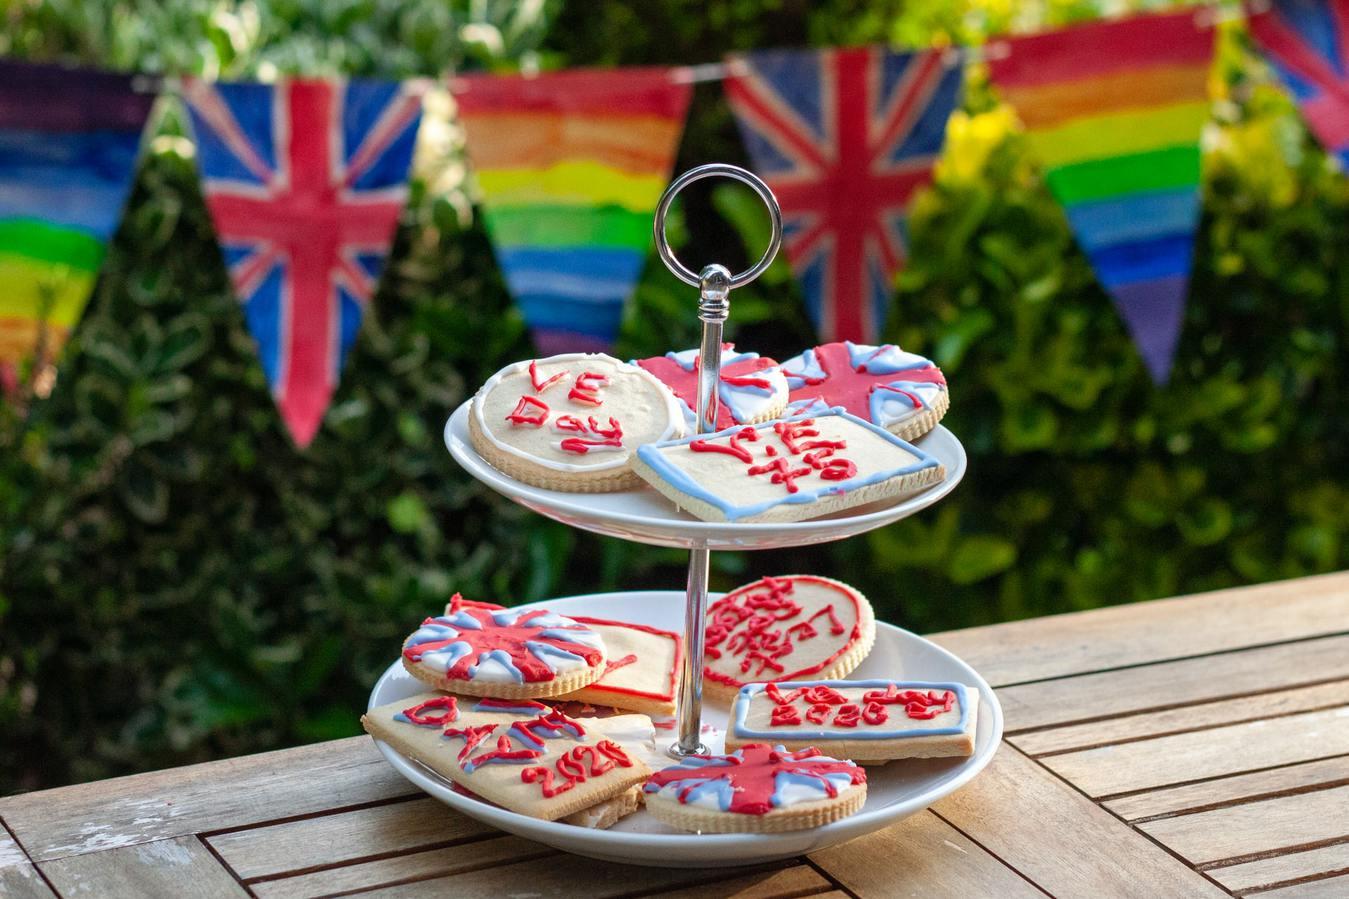 Bandeja de cookies em um jardim